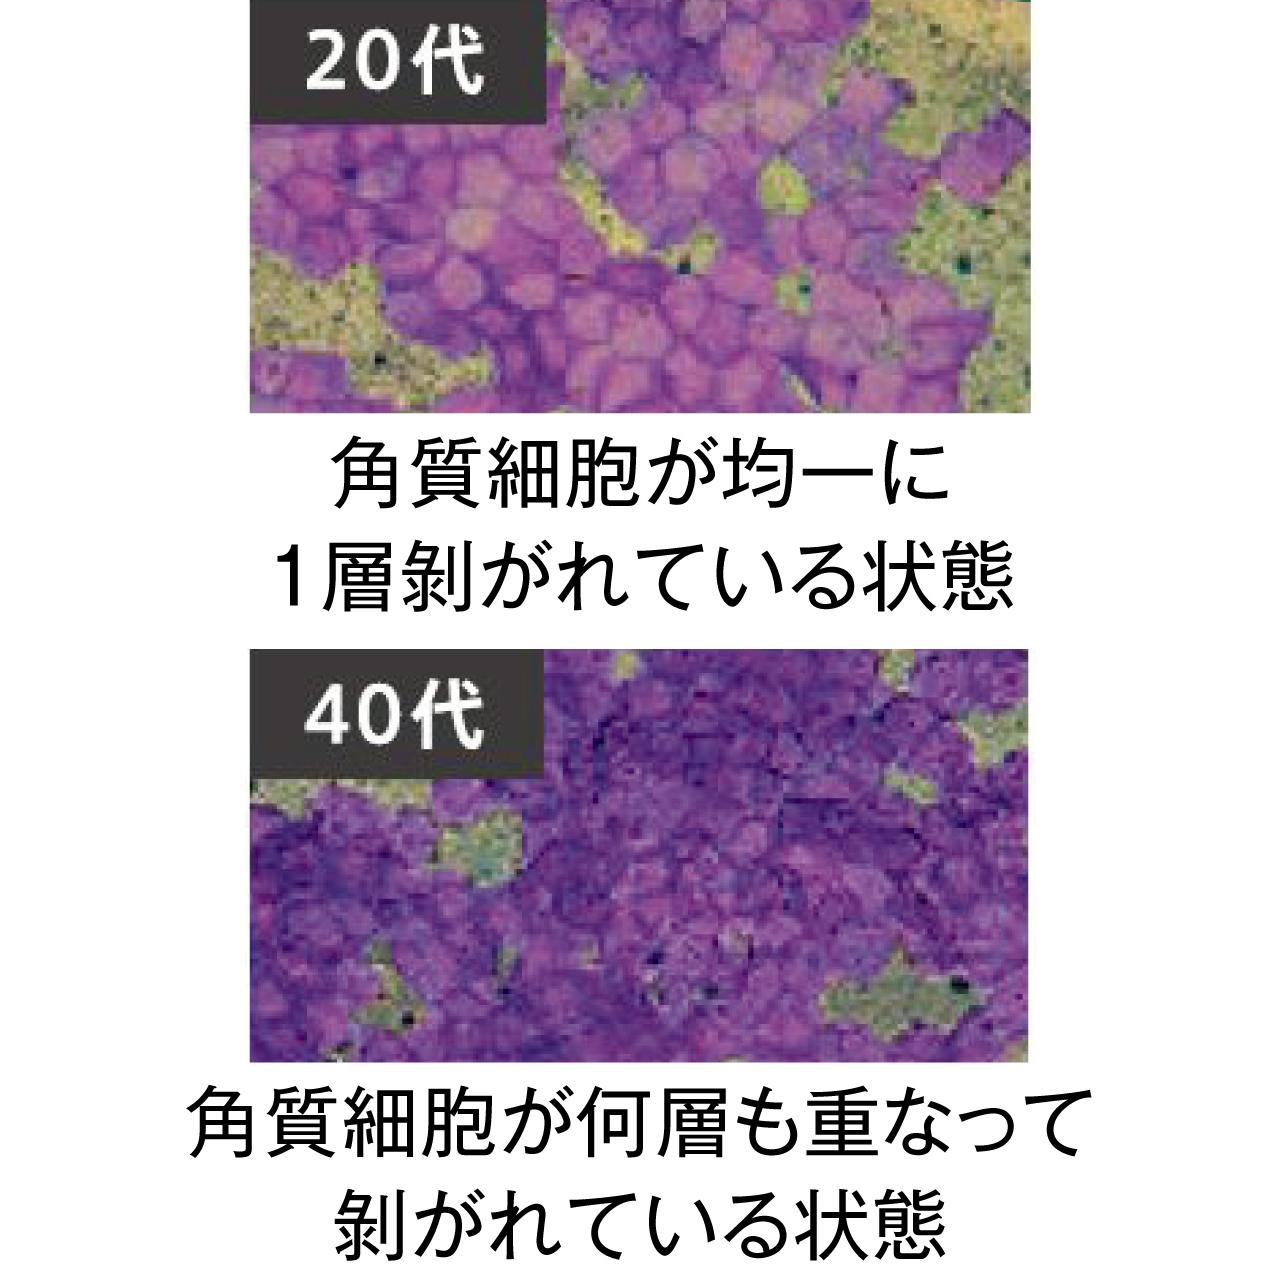 20代 角質細胞が均一に 1層剝がれている状態 40代 角質細胞が何層も重なって剝がれている状態